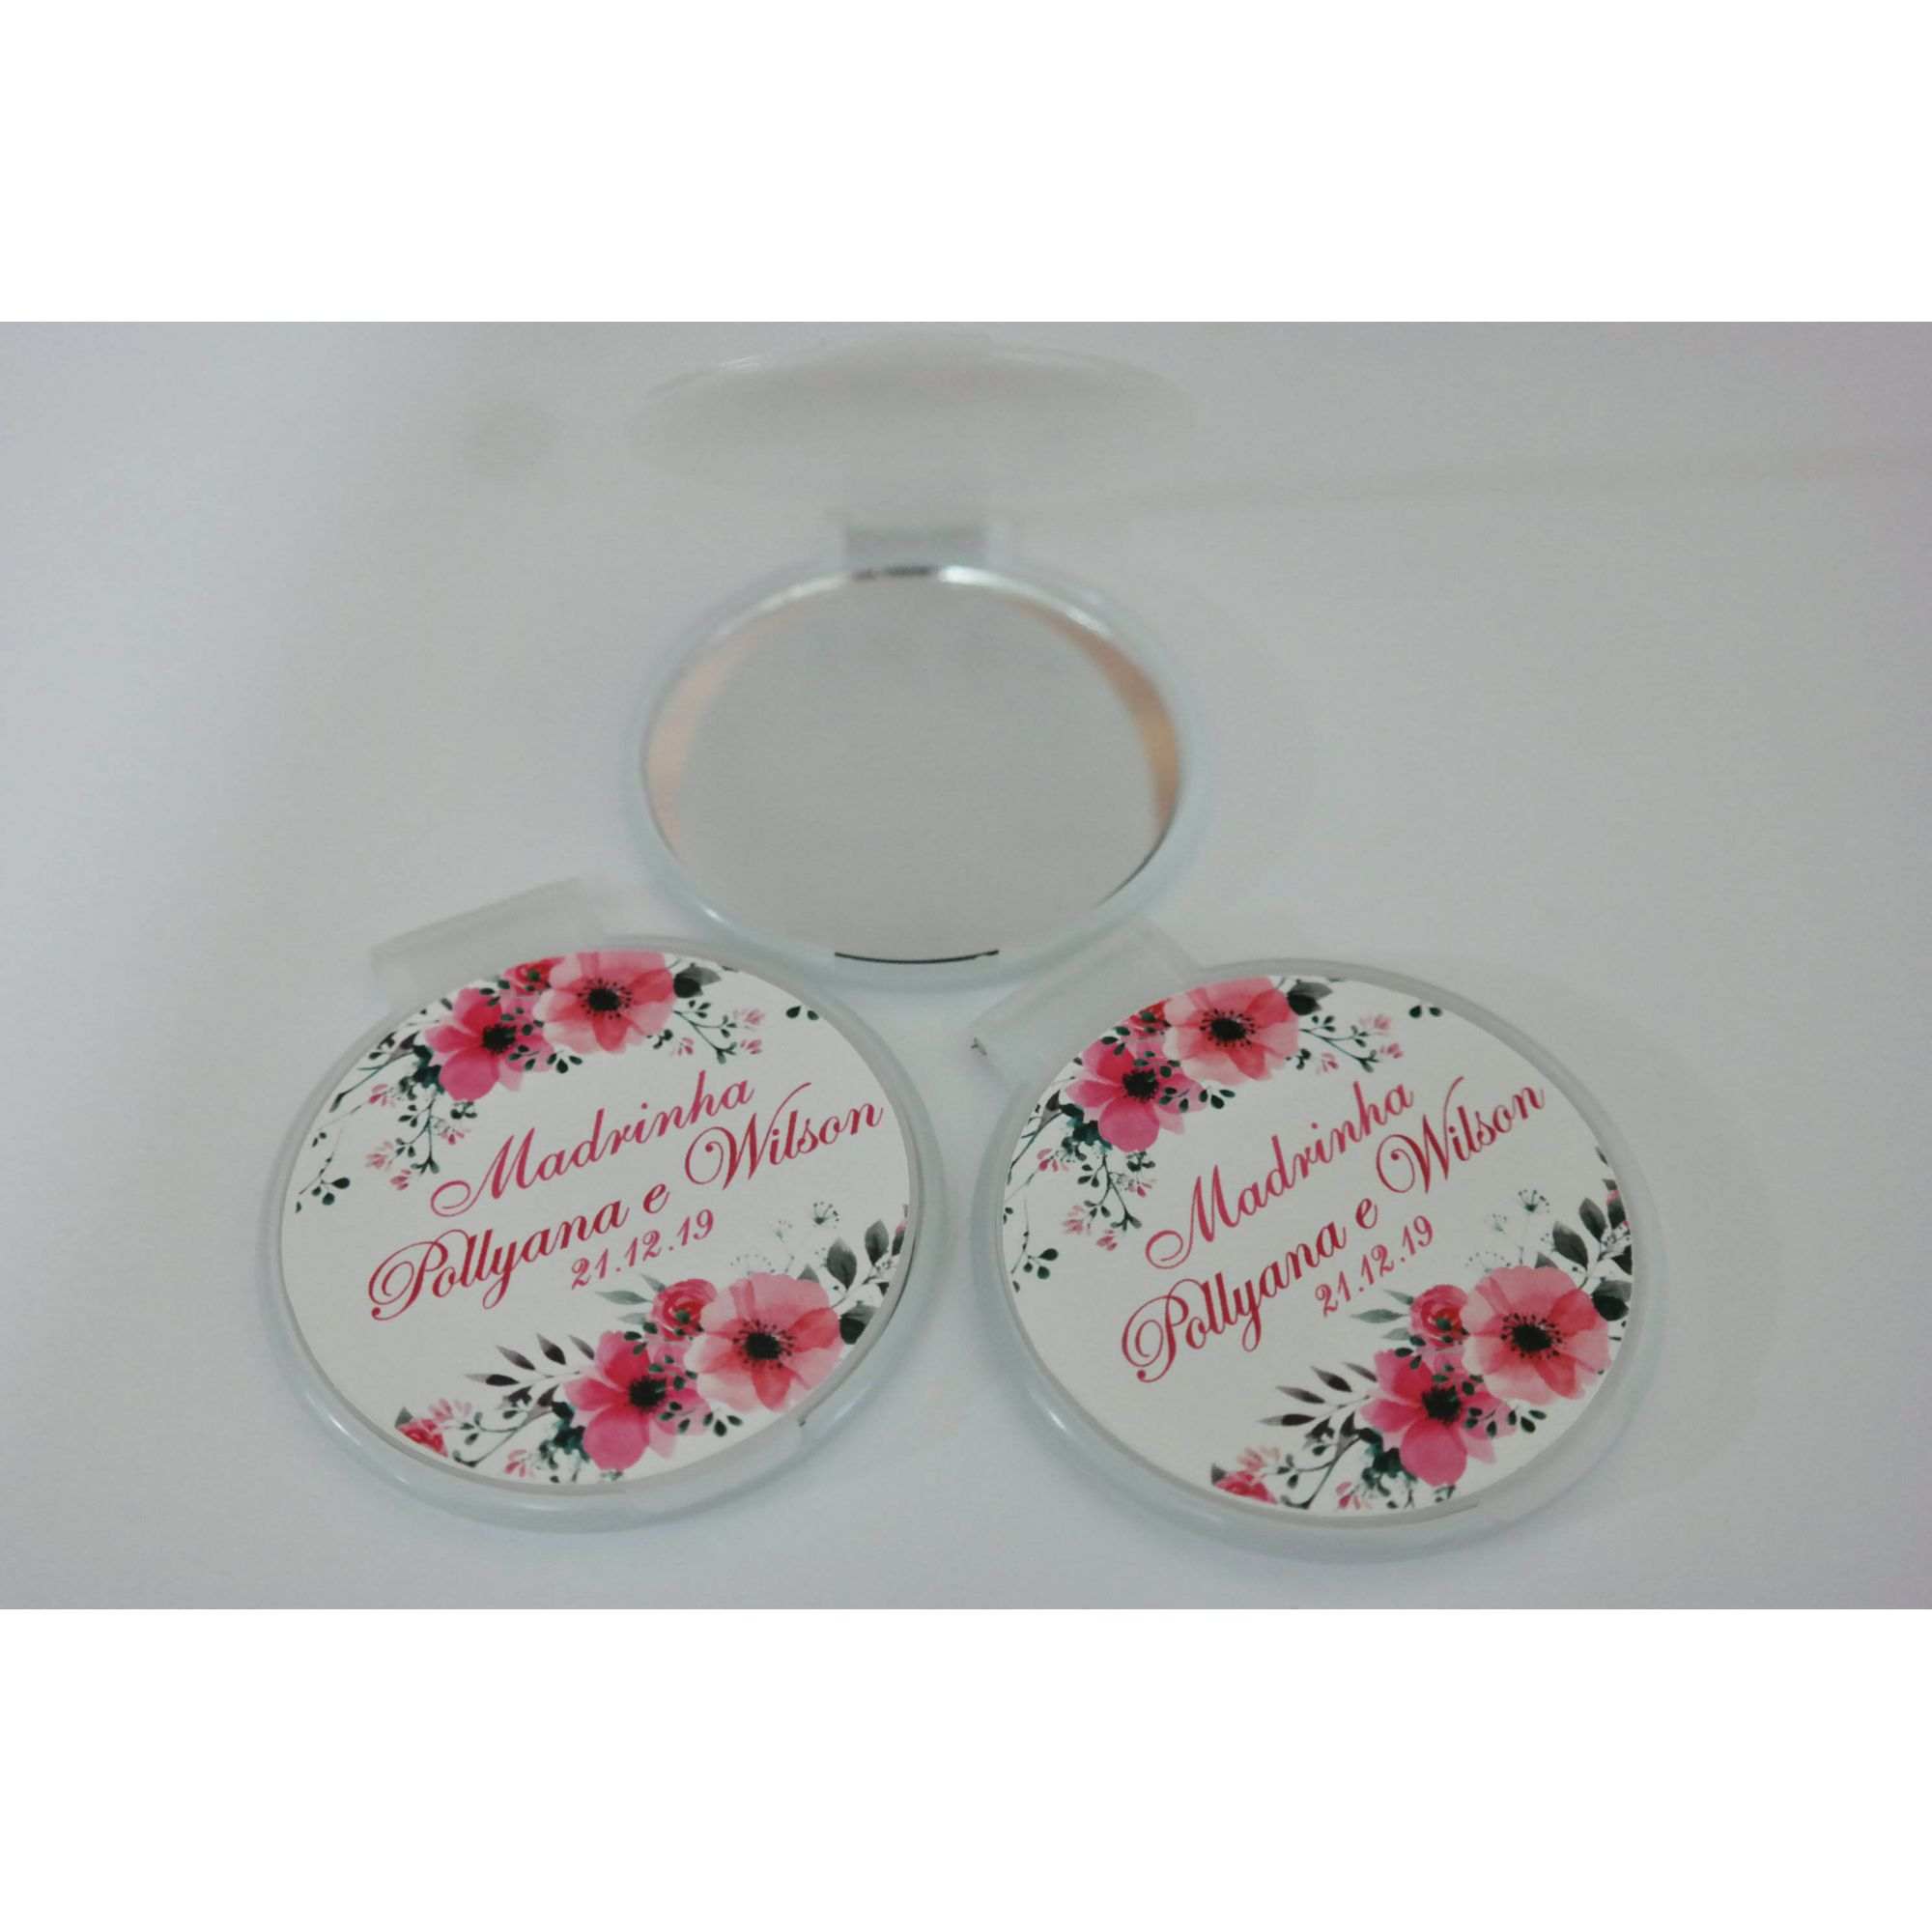 Lembrancinha de Casamento para Madrinhas - Espelho de Bolsa Personalizado